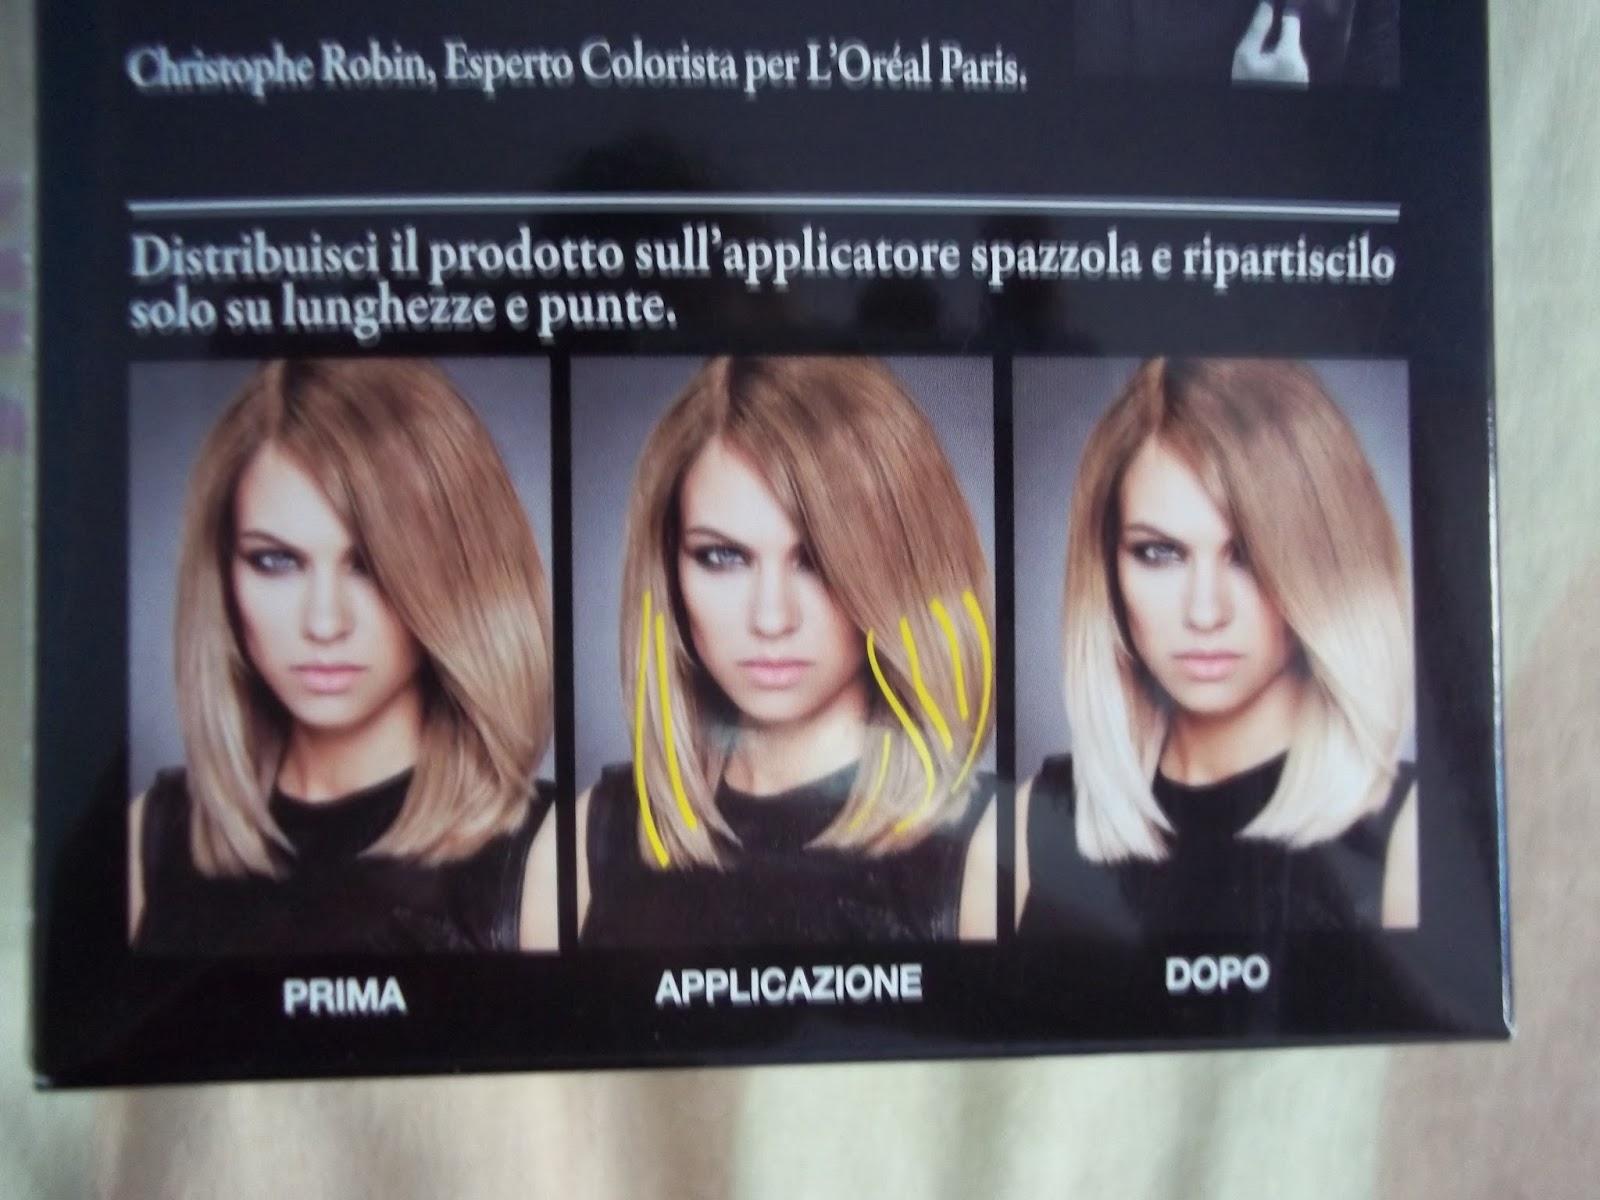 Capelli unti dopo olio di capelli